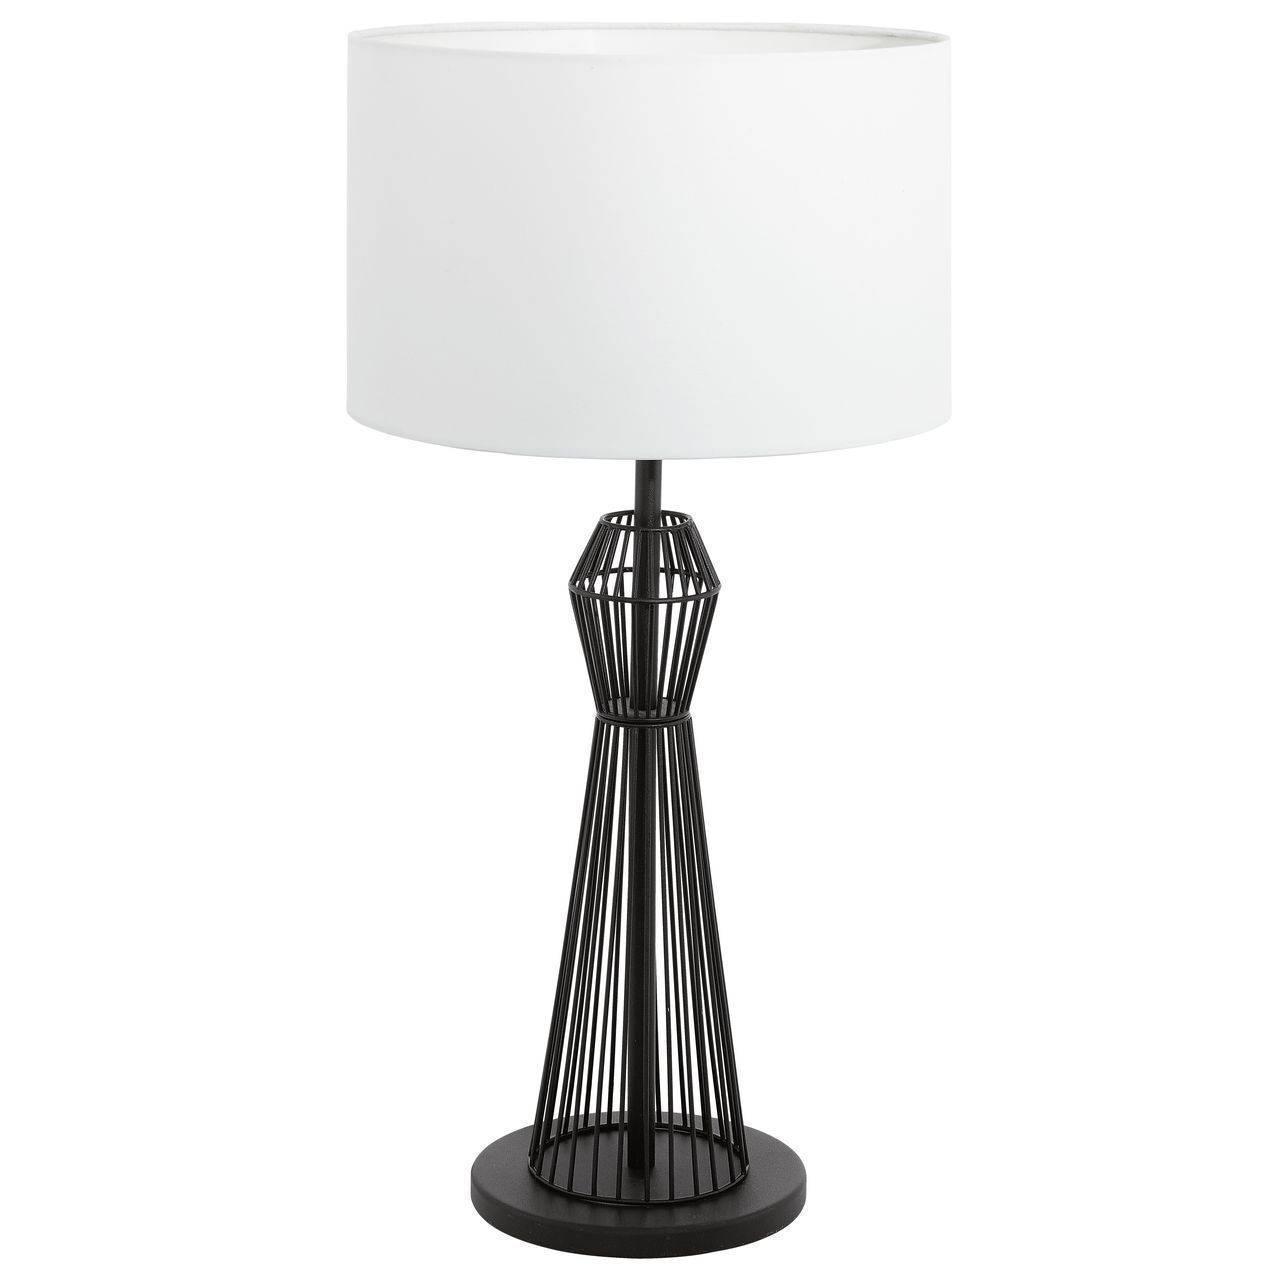 Настольные лампы 💡 купить в интернет-магазине, заказать